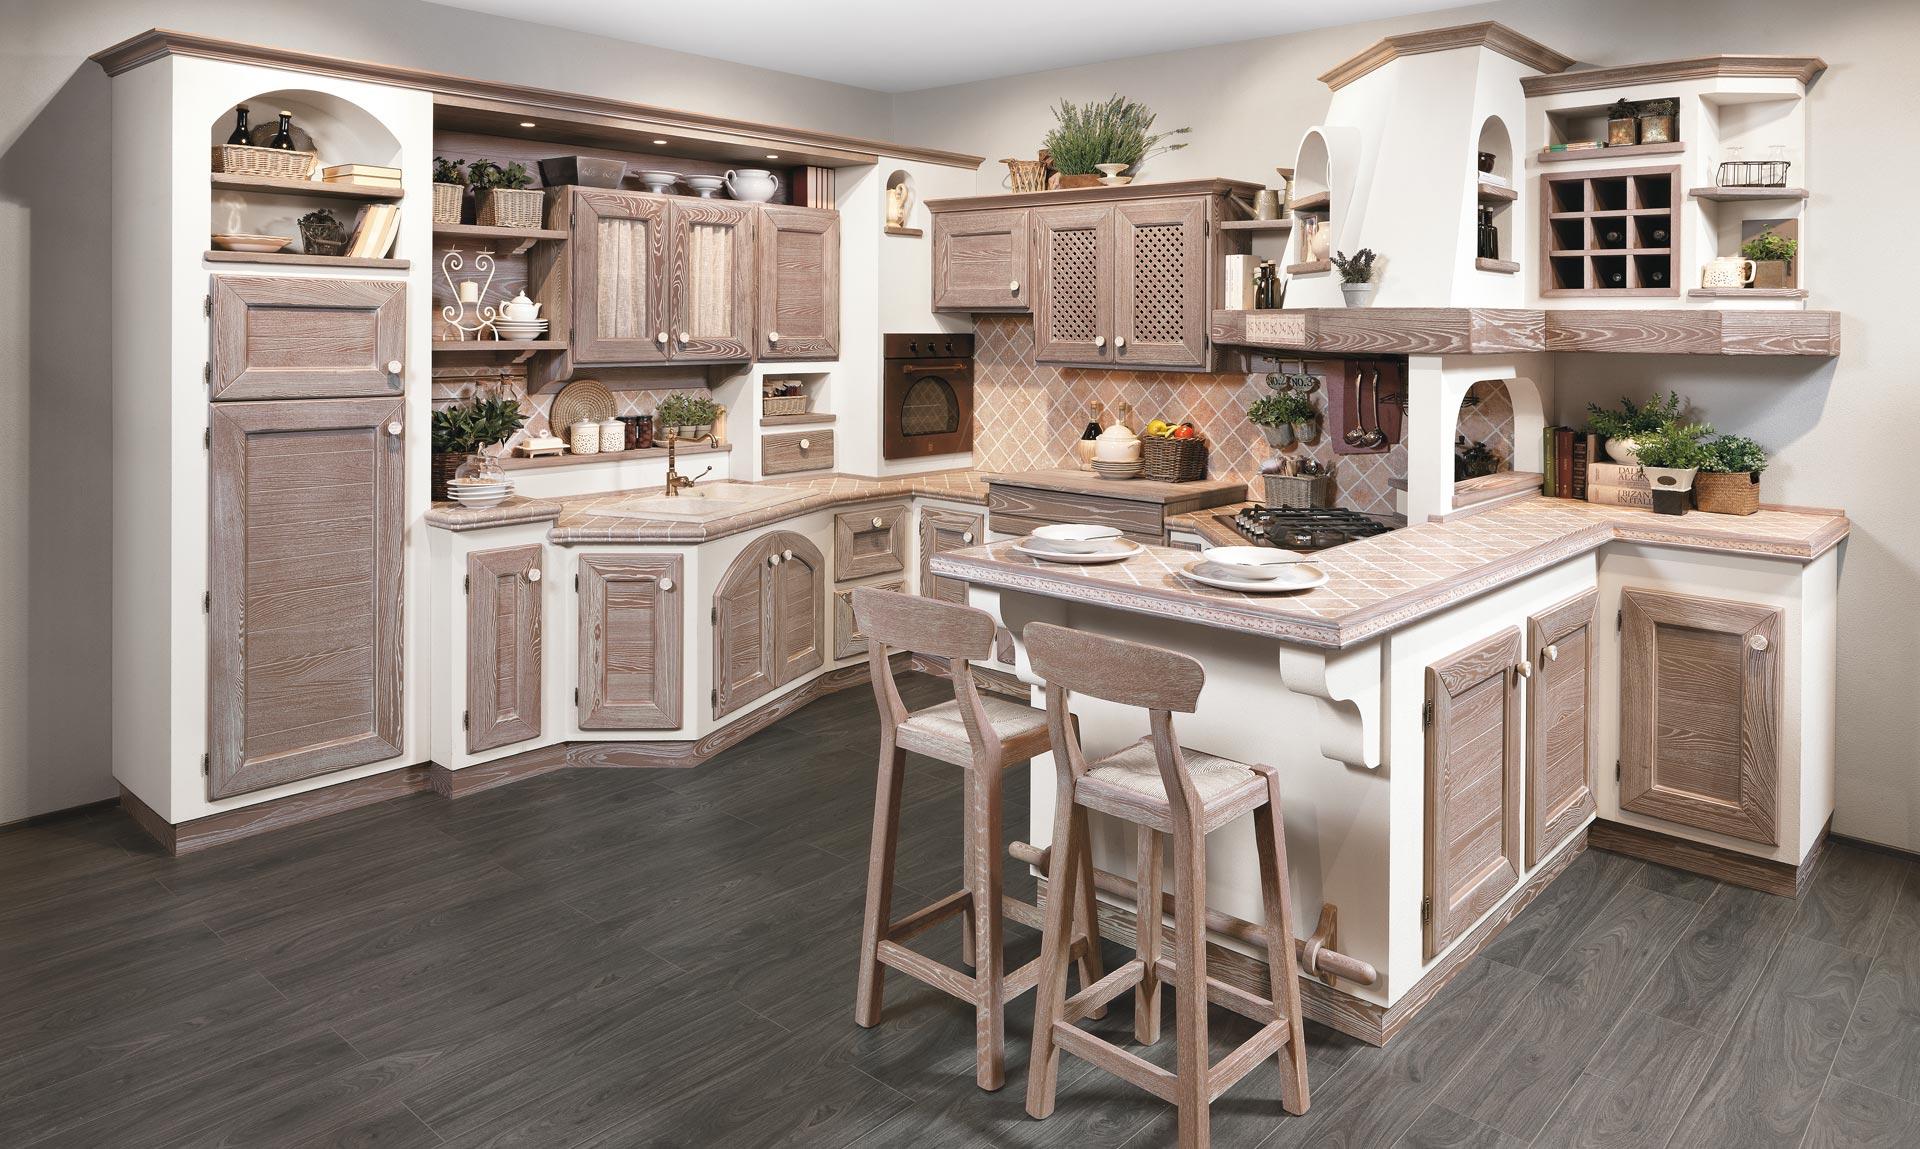 Cucine Classiche | Arredare In Uzzano - Soluzioni Arredamento